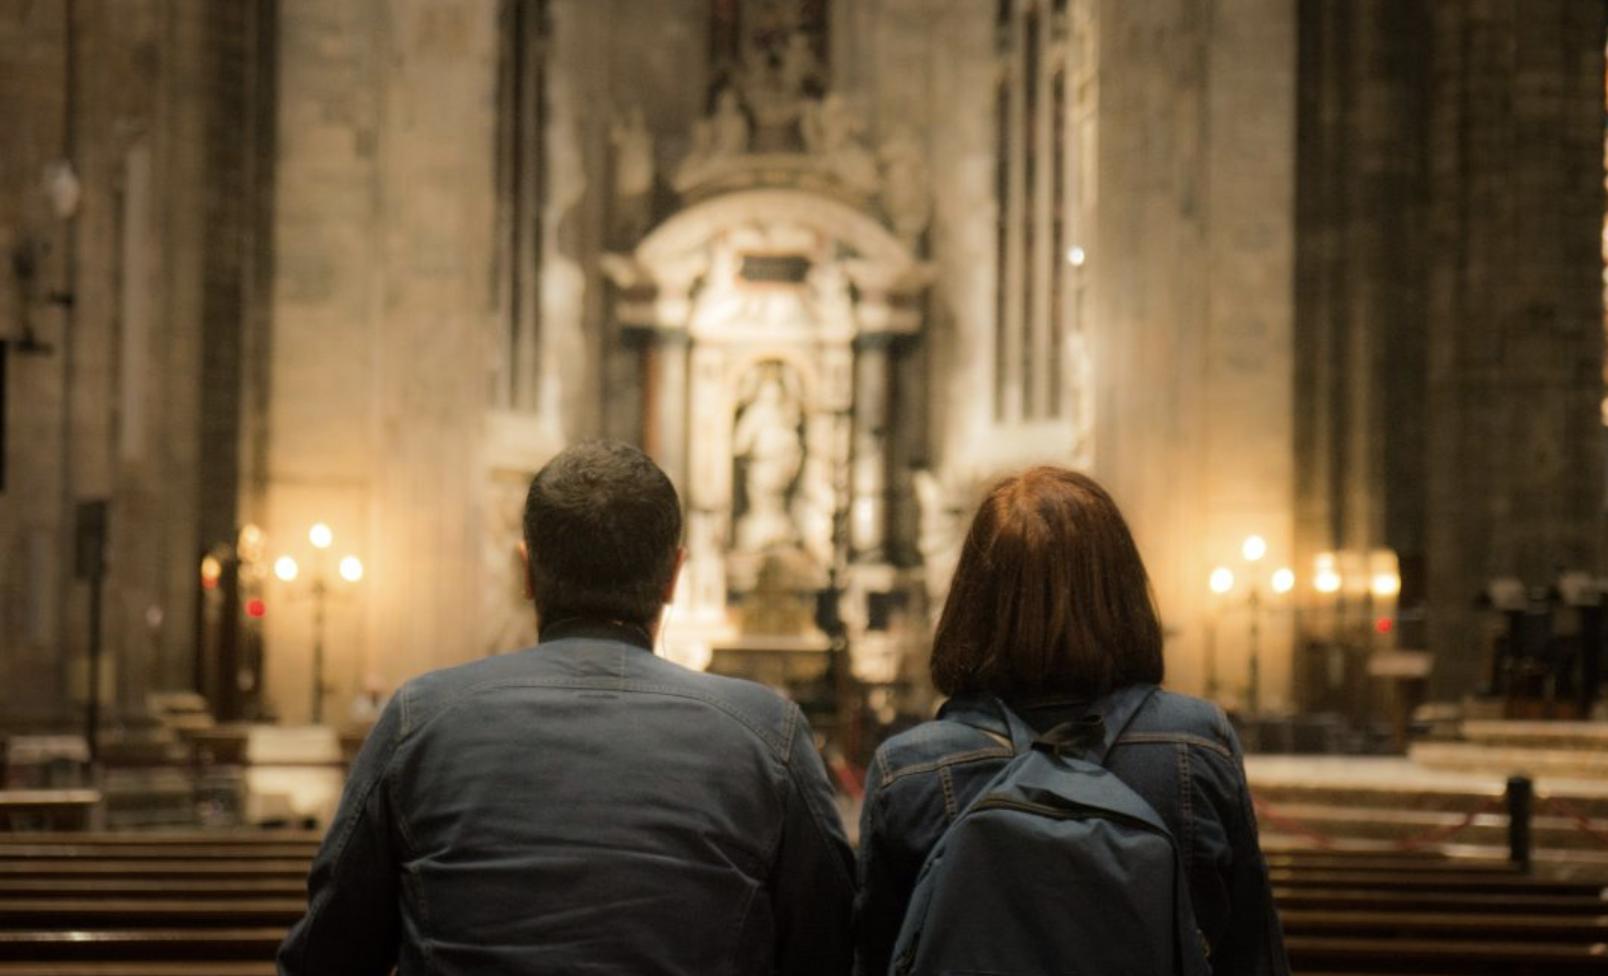 Amo dunque credo | La religione e i nostri iscritti